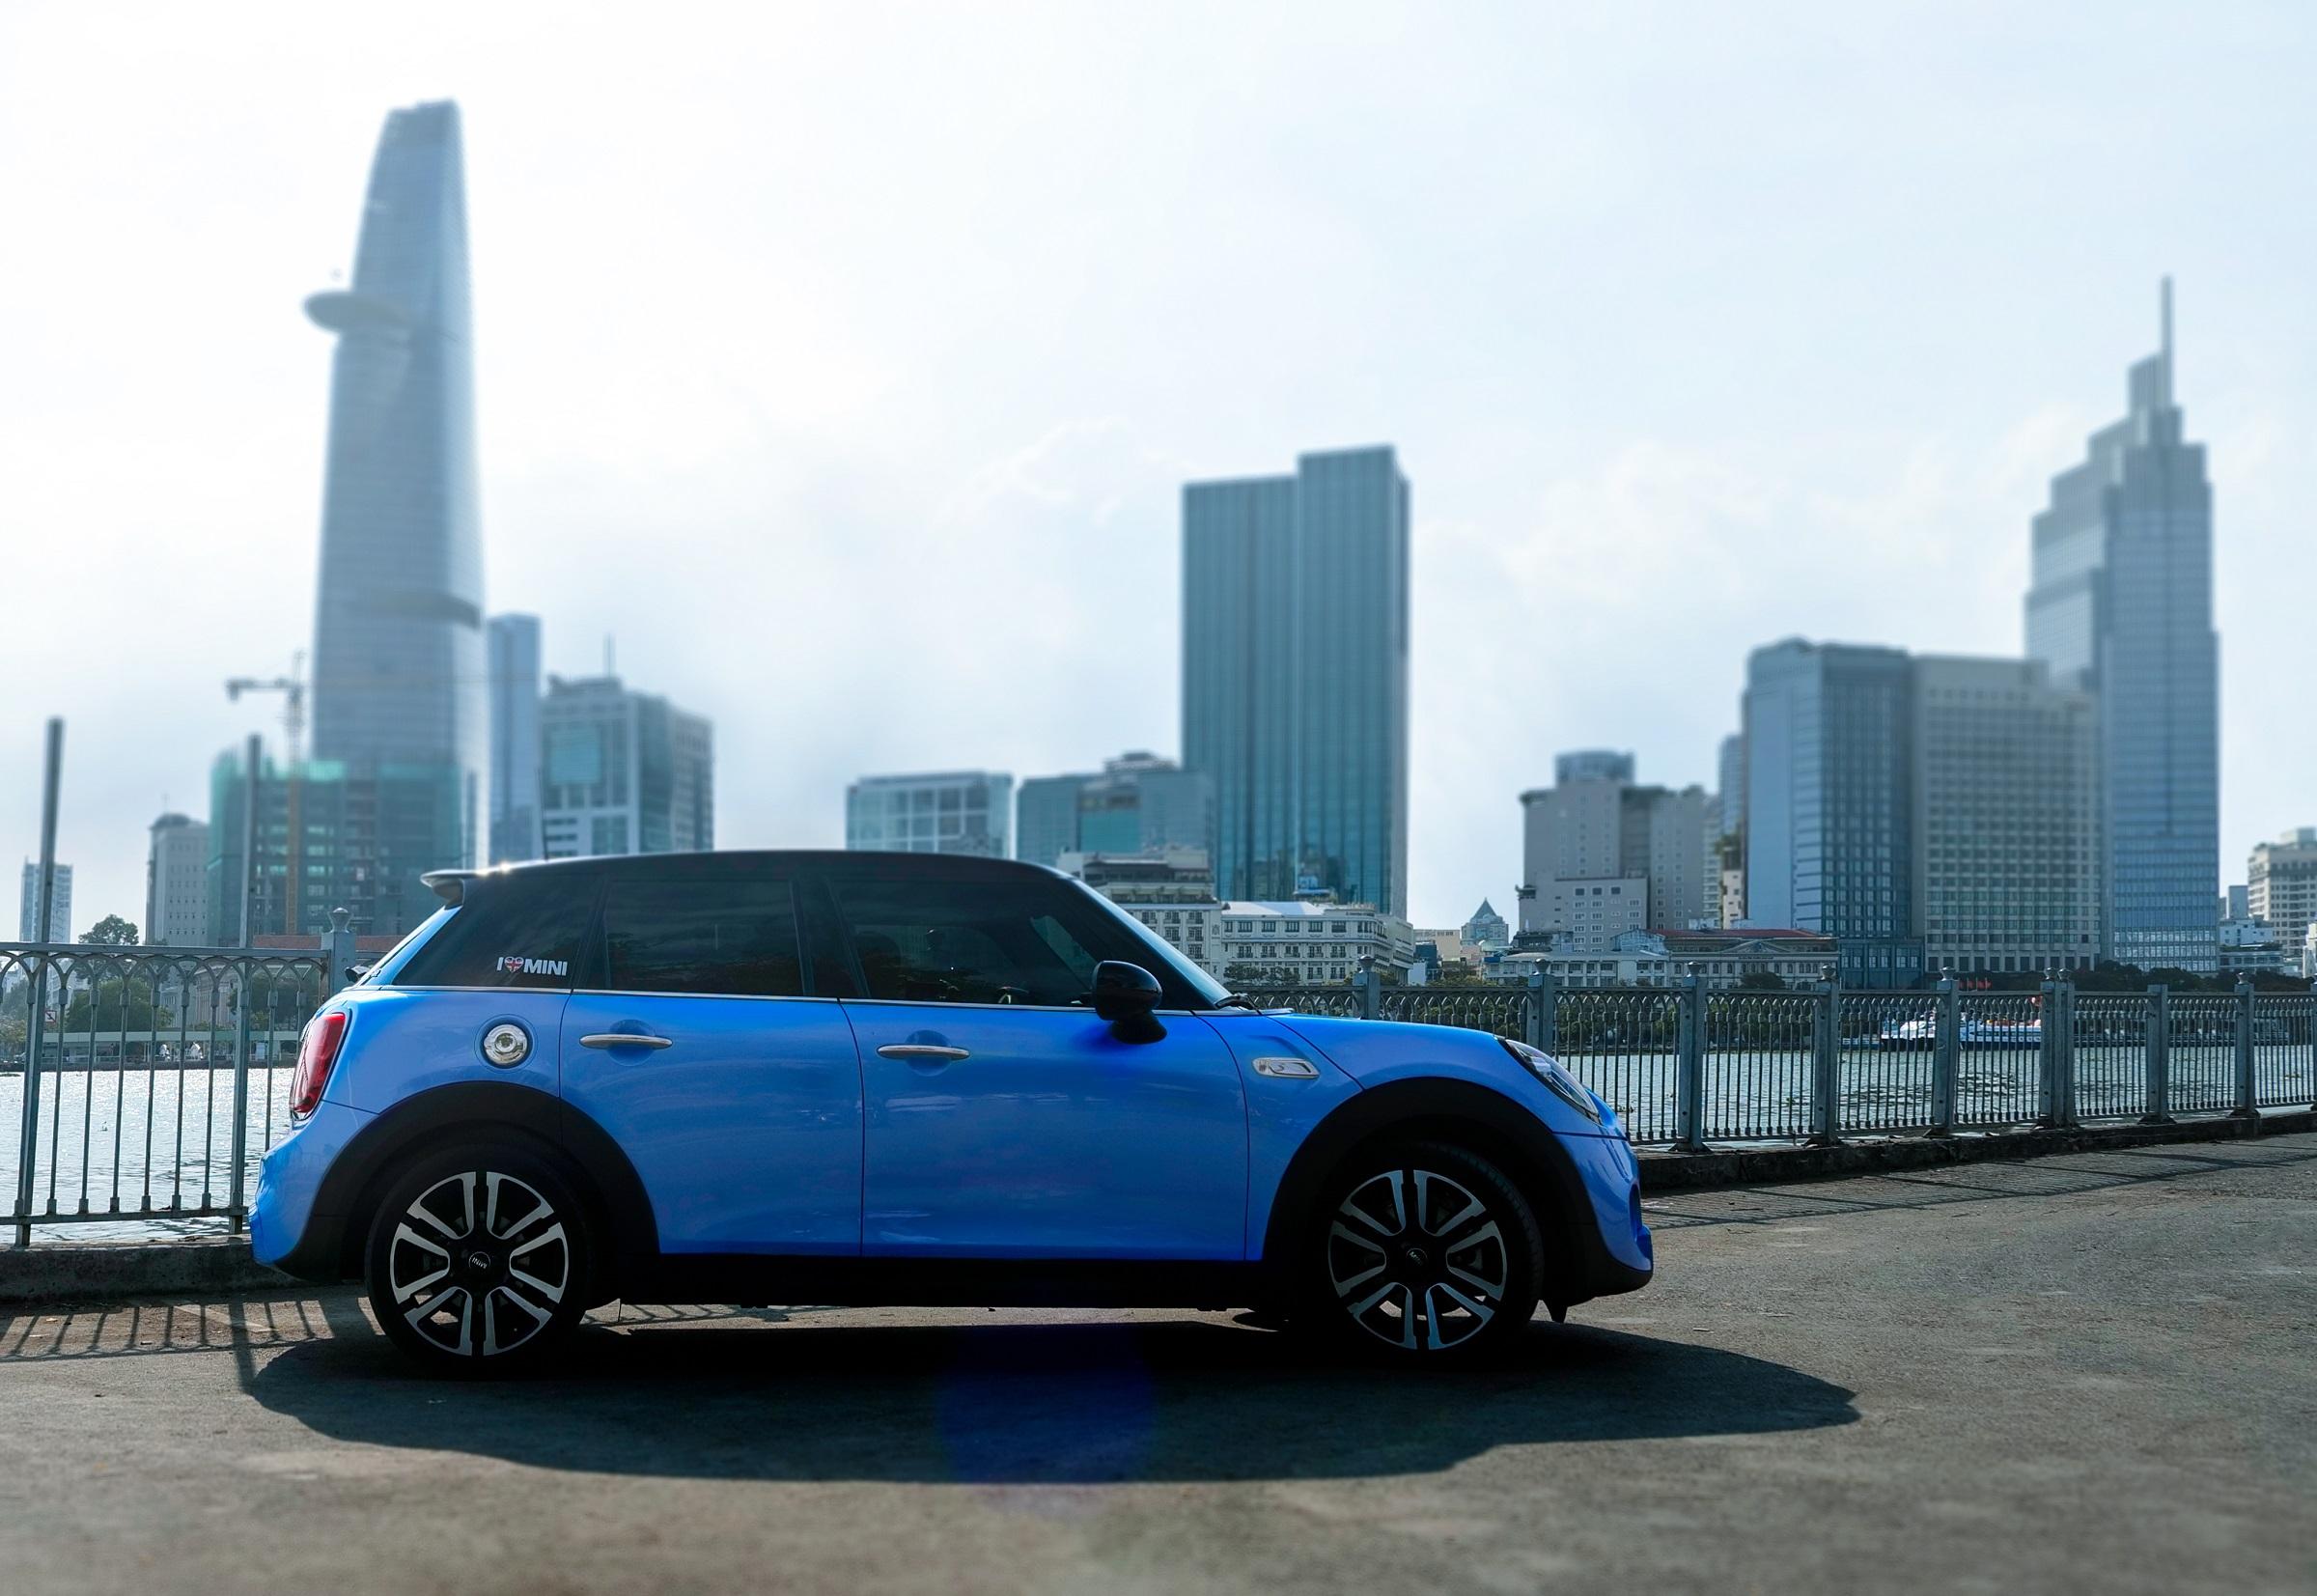 Yếu tố hiện đại và cổ điển được được hãng xe nước Anh hòa trộn đầy tinh tế trong thiết kế nội - ngoại thất của Cooper S 5 Cửa. Ảnh: MINI Việt Nam.